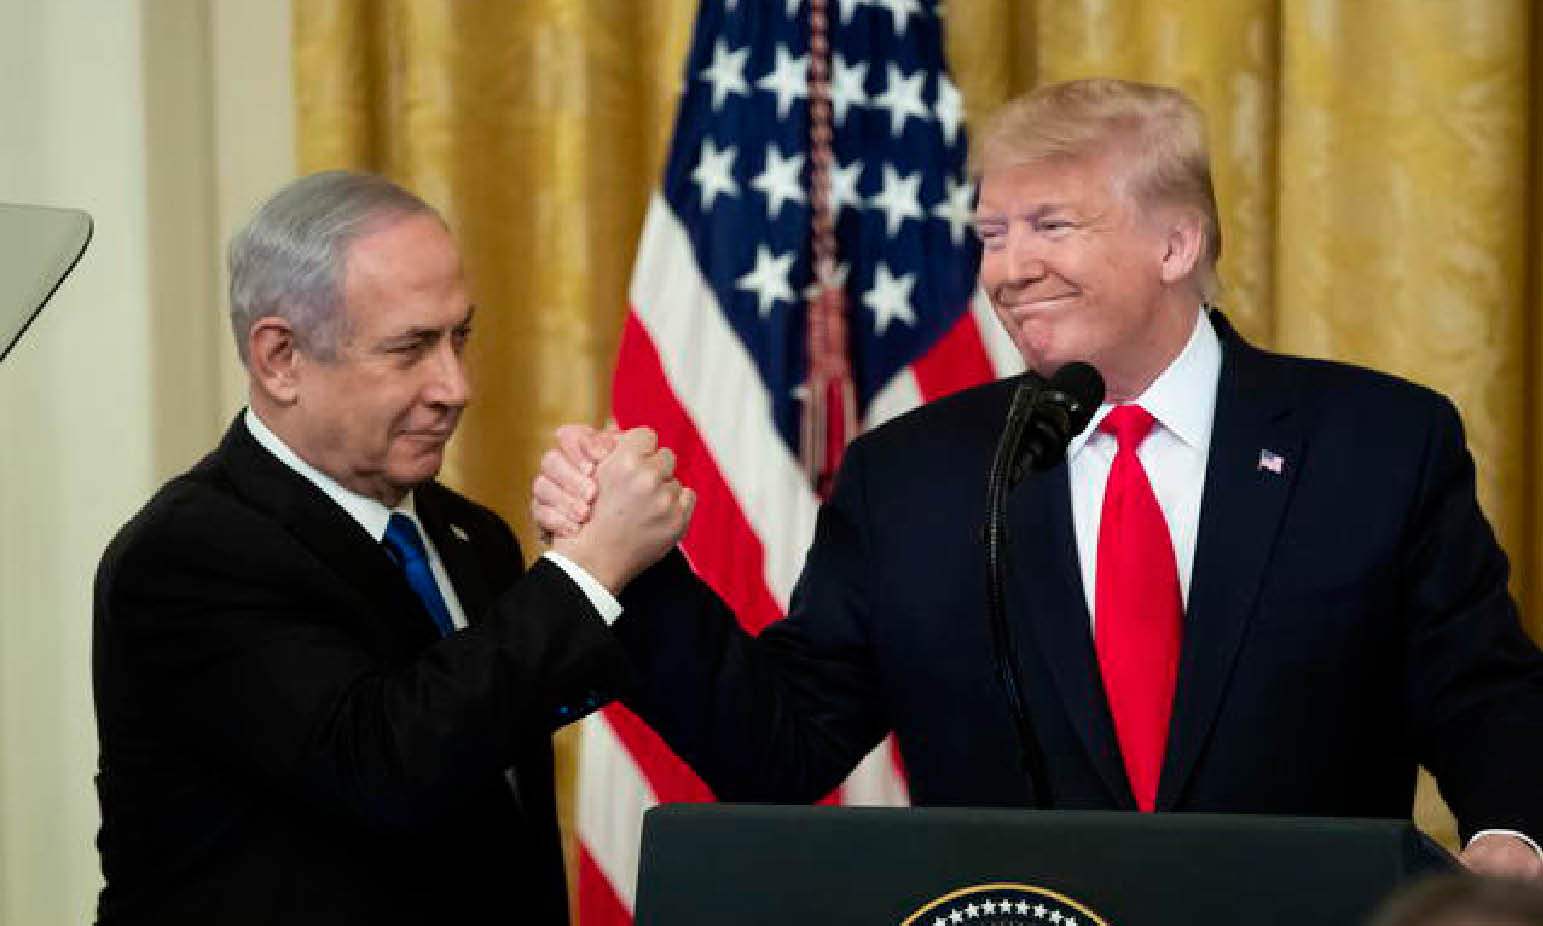 Golan-Gerusalemme: la Rapina del Secolo di due Clown Sotto Inchiesta